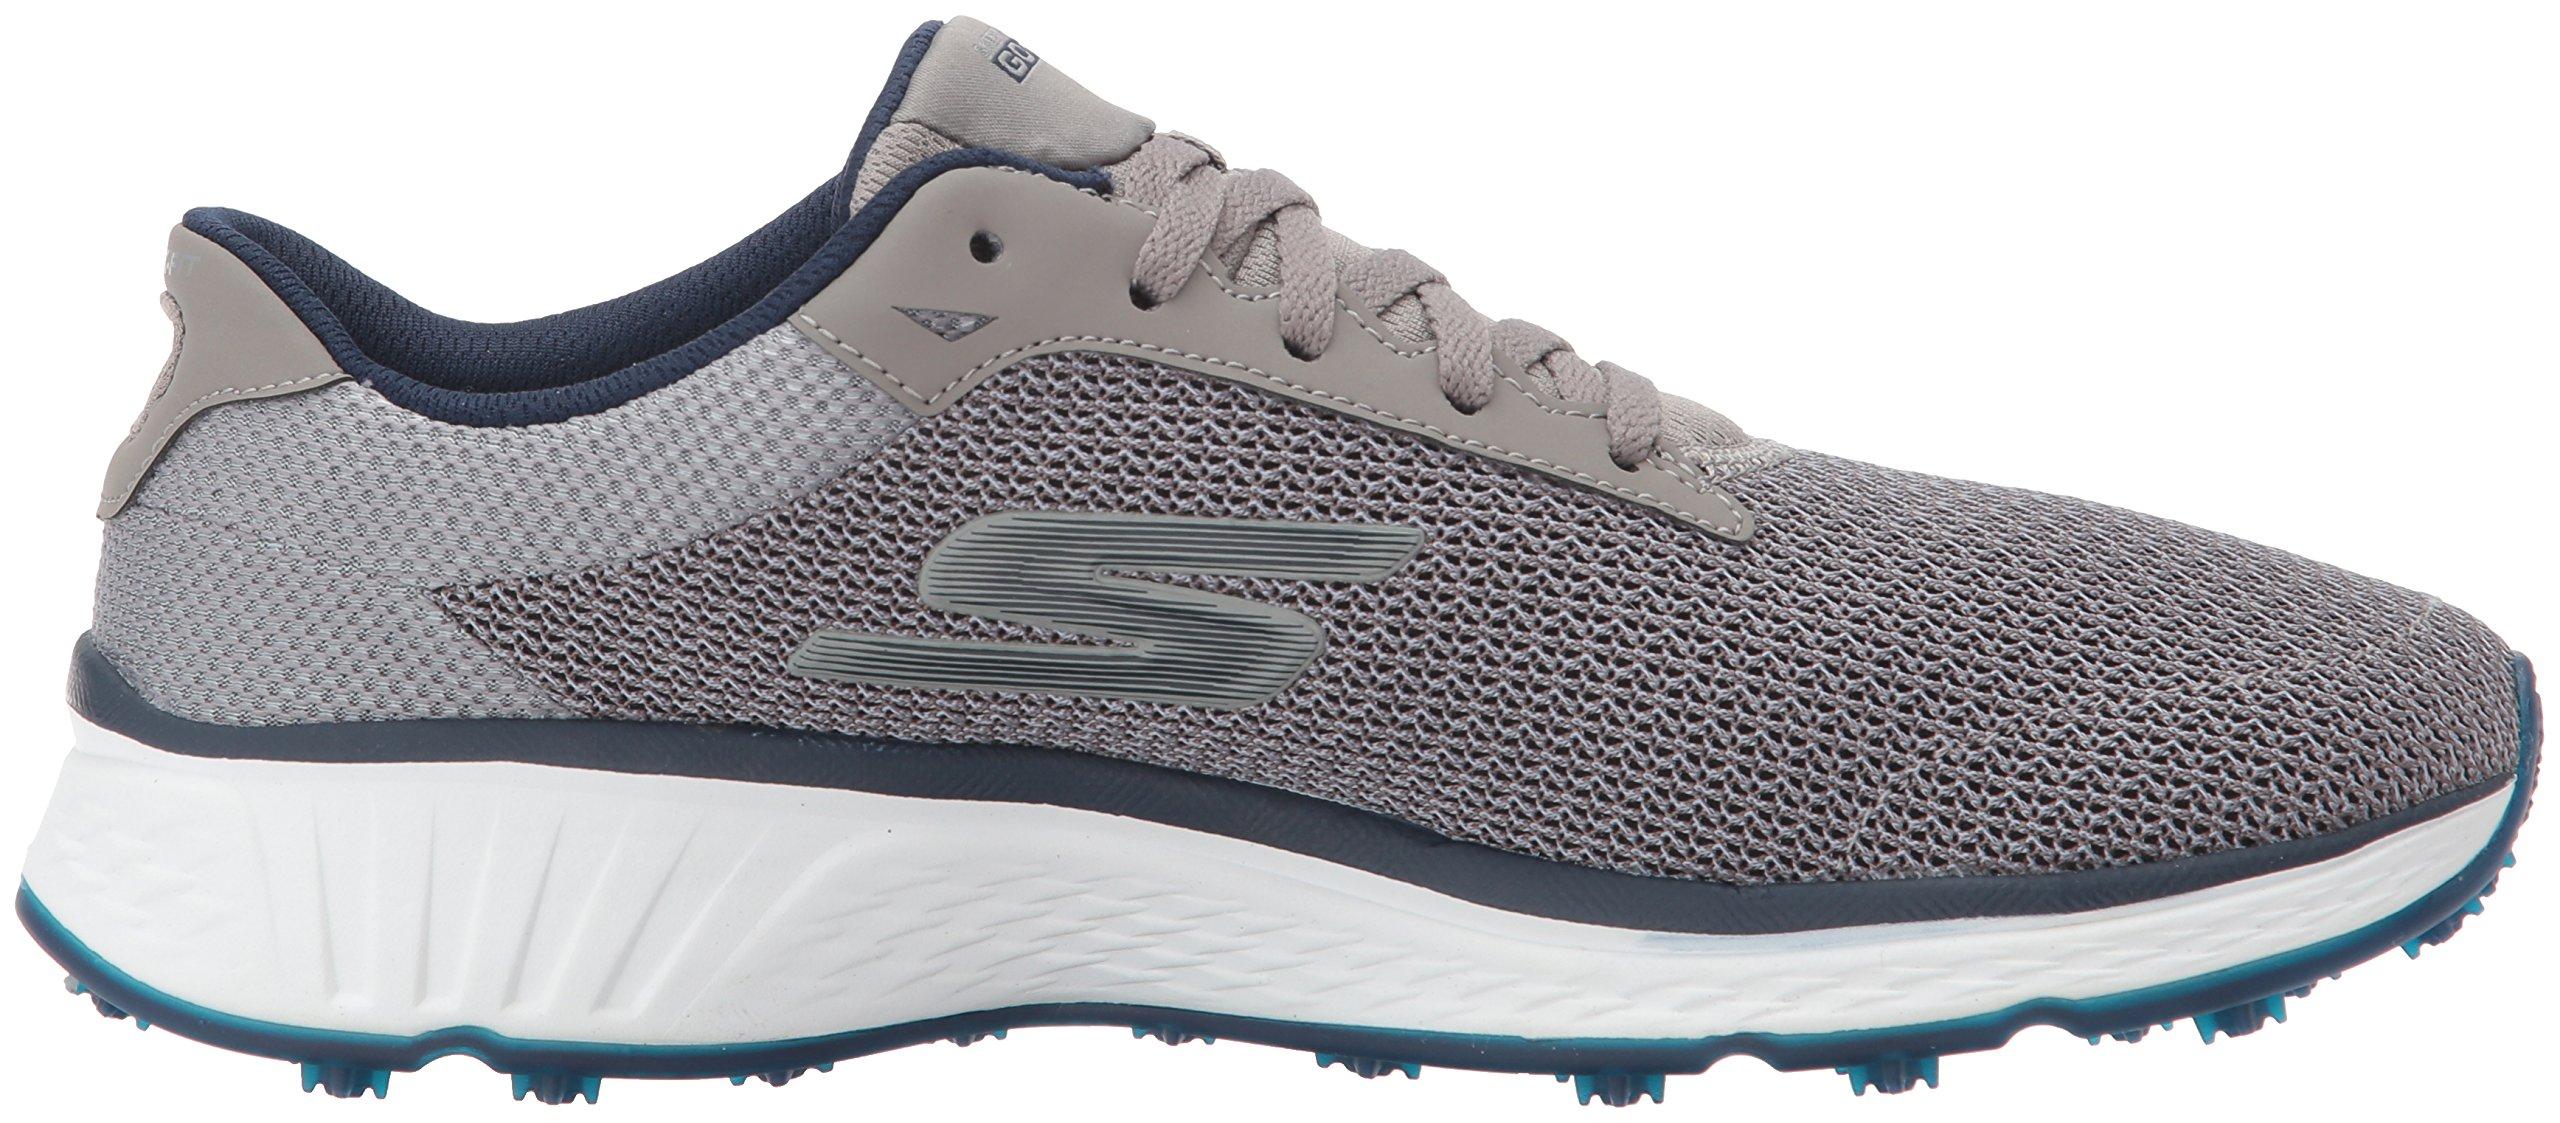 Skechers Mens Go Golf Fairway- Buy